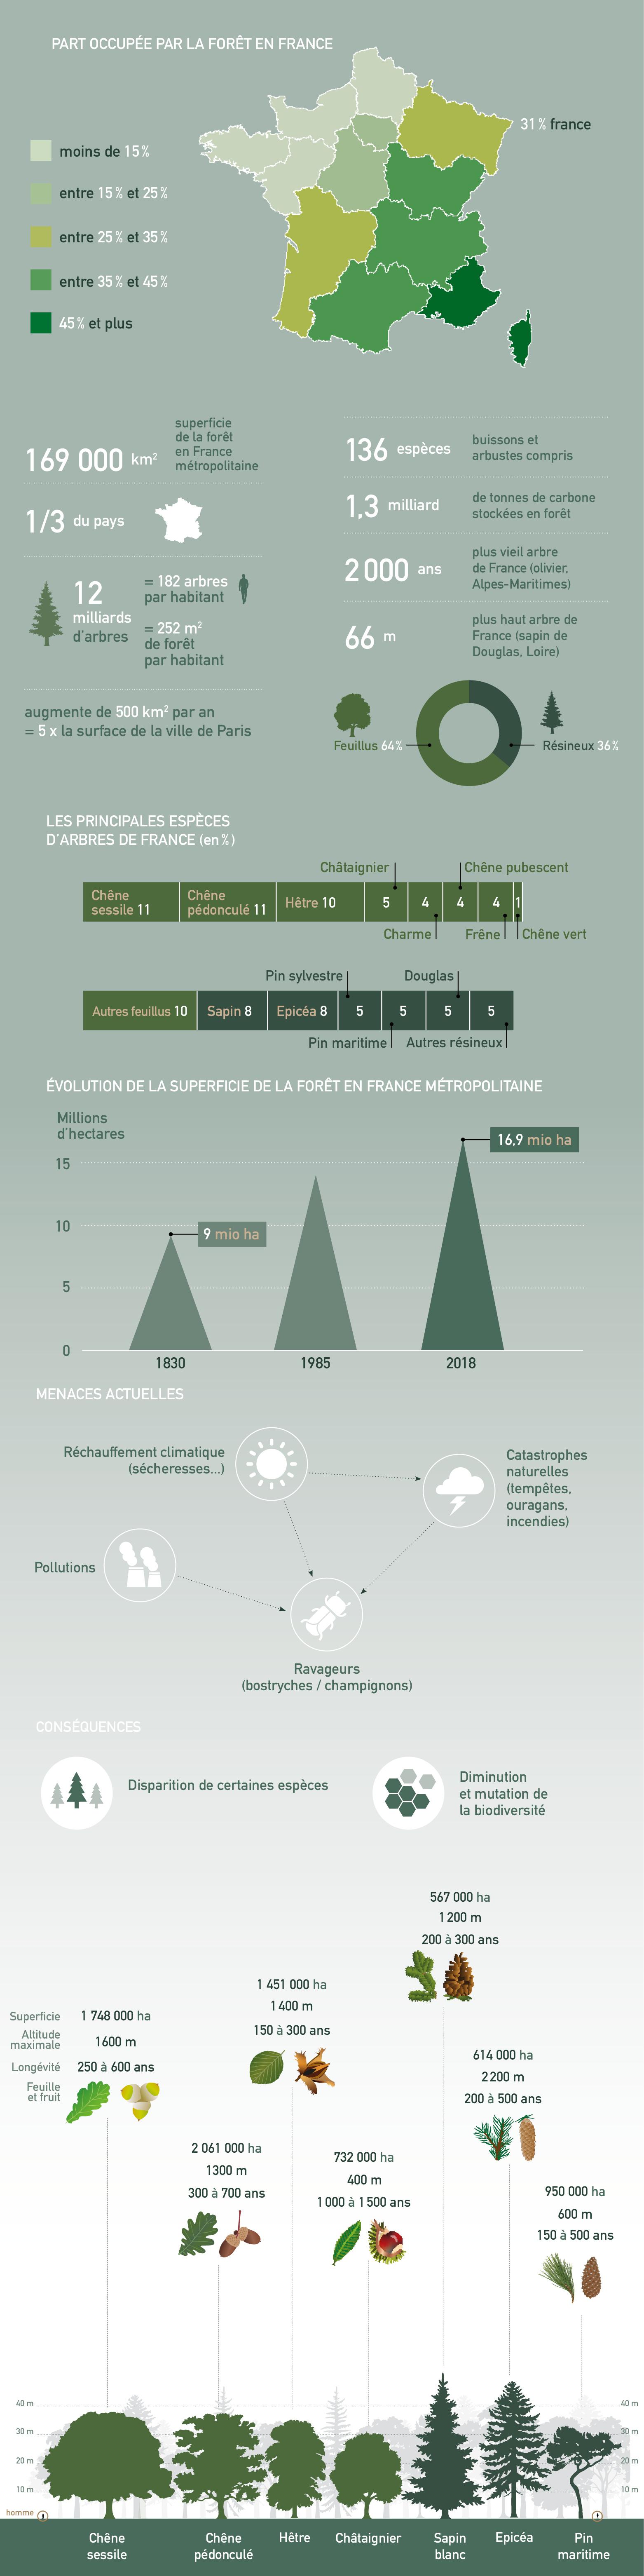 infographie foret france